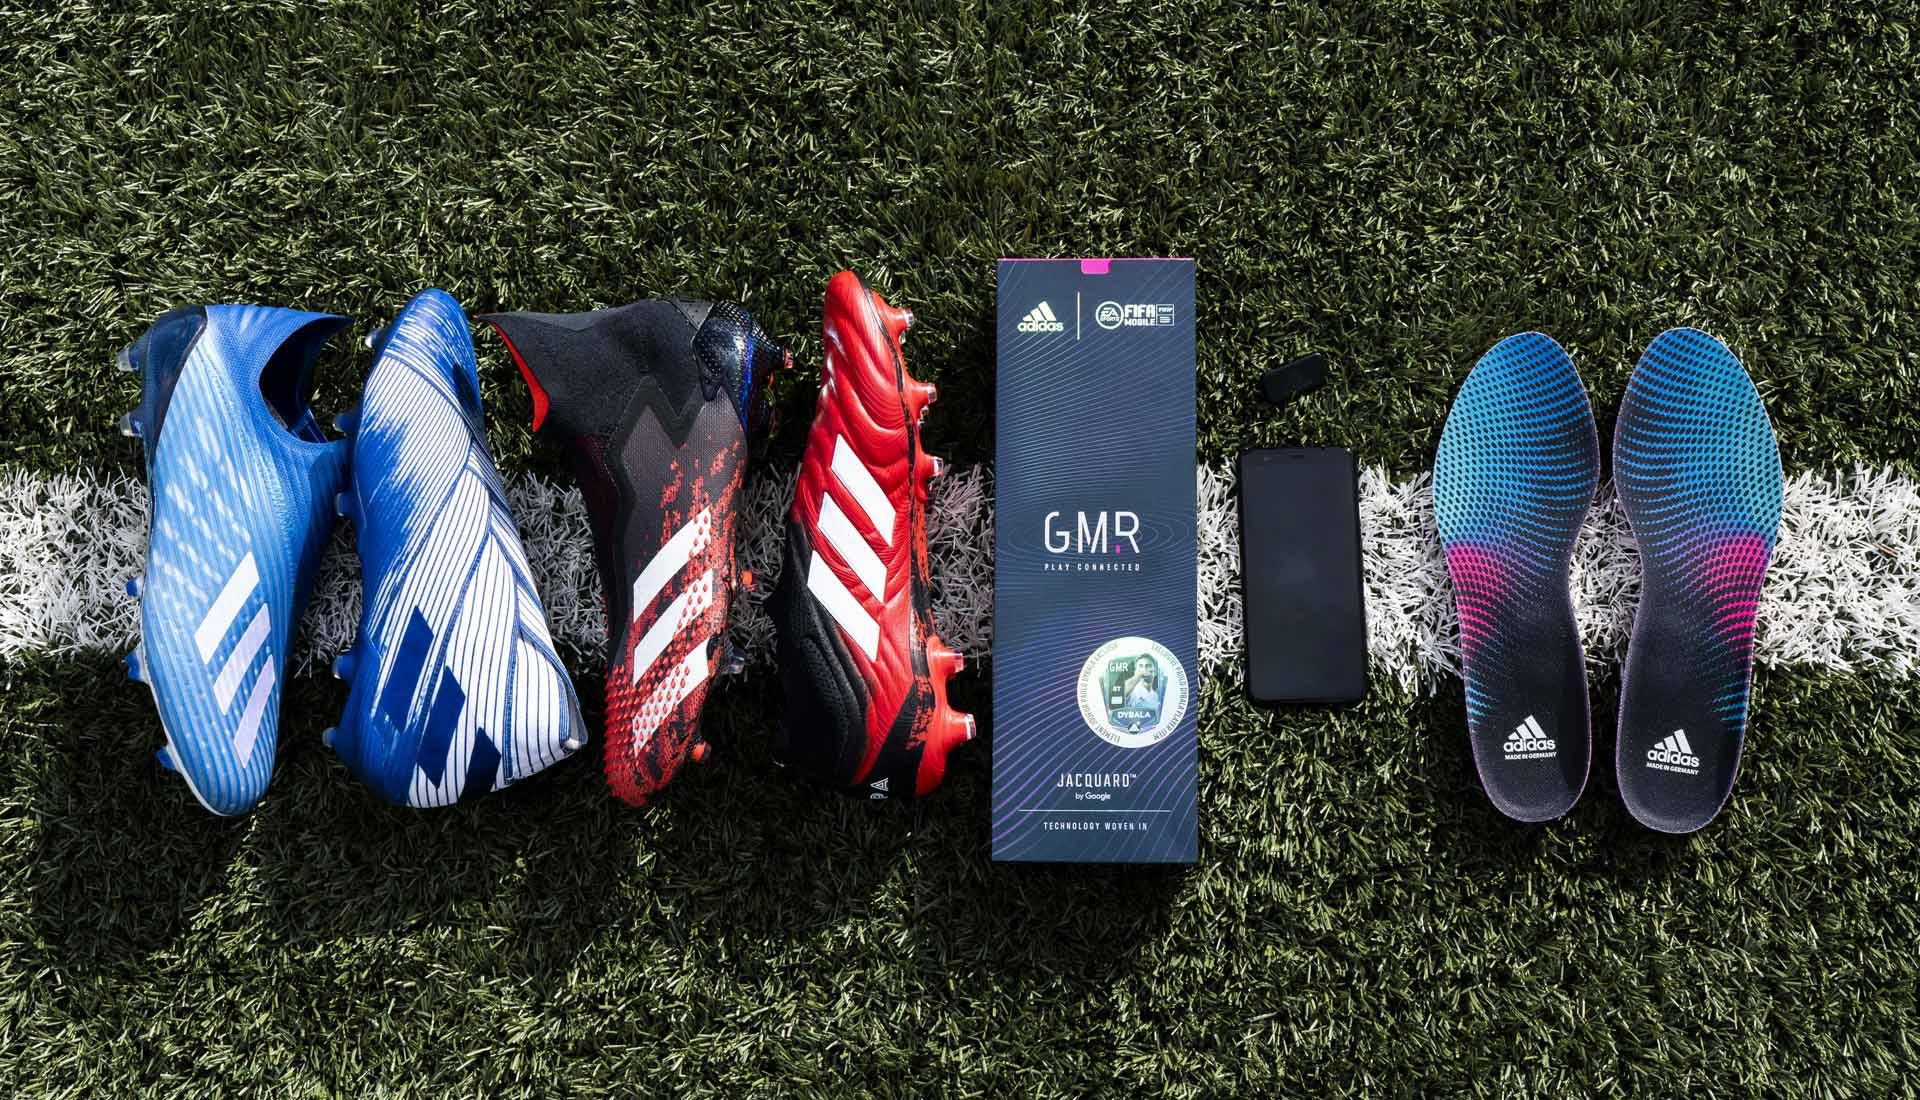 Giày đá bóng Adidas được gắn chip GMR để đo lường các chỉ số bóng đá